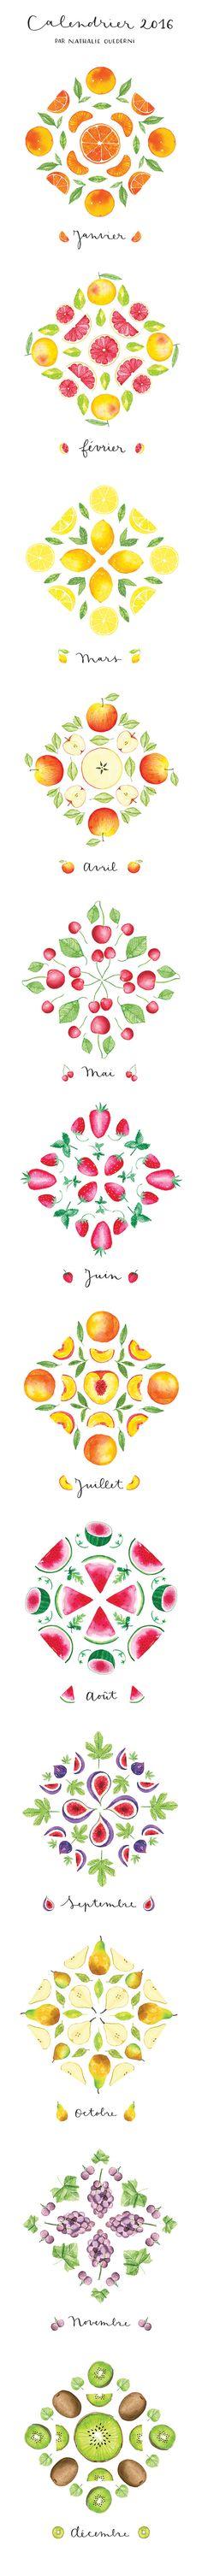 Blog — Nathalie Ouederni - Watercolor Illustration & Pattern design